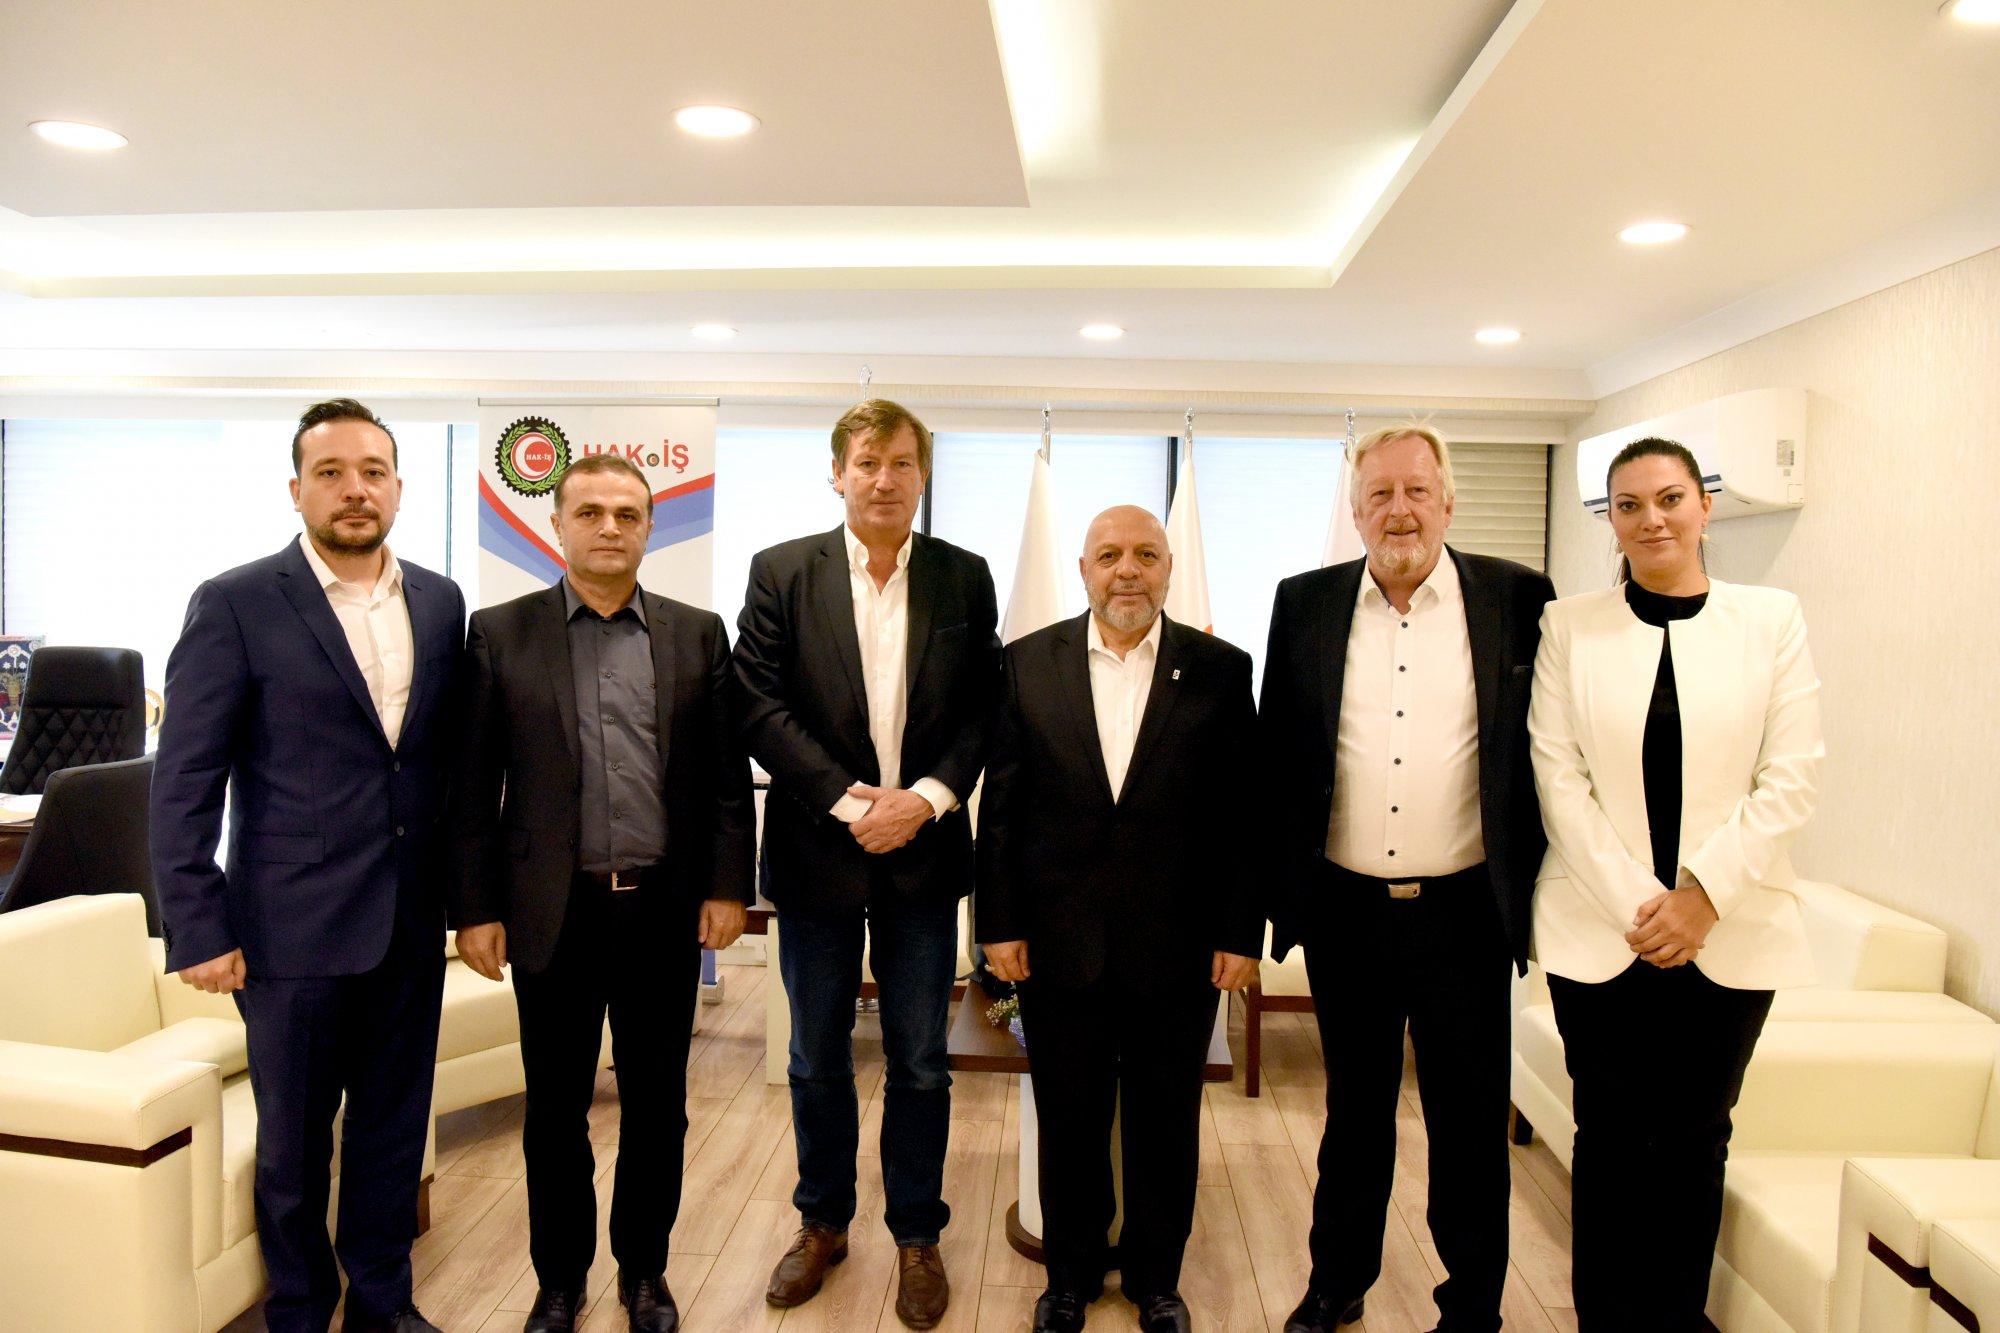 ITUC VE ETUC TEMSİLCİLERİ HAK-İŞ'İ ZİYARET ETTİ